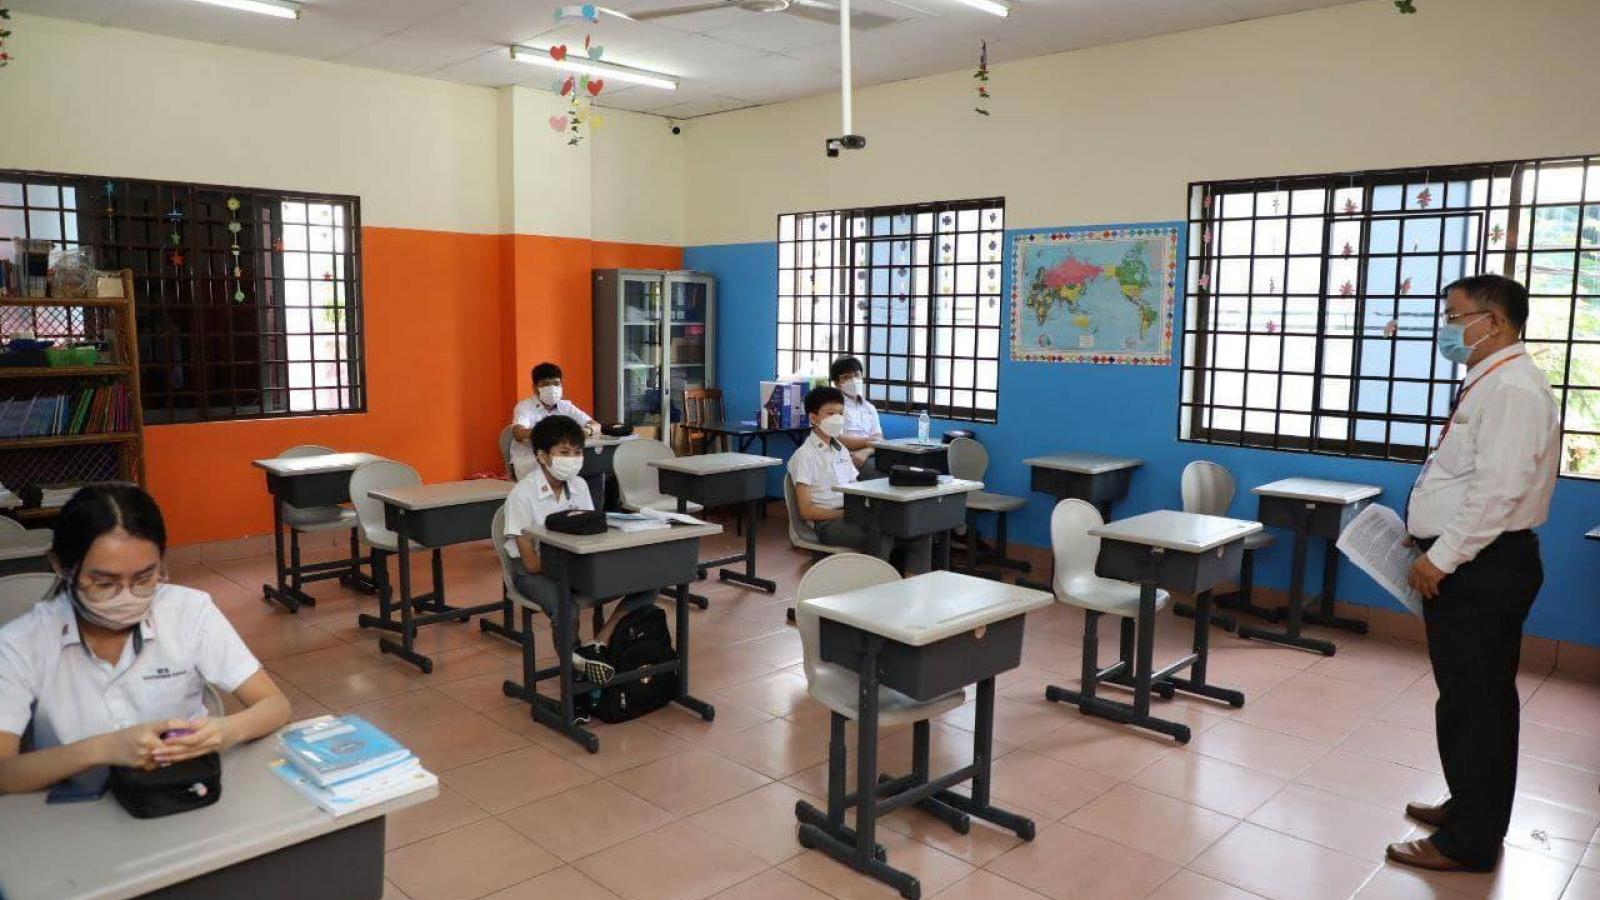 Campuchia lên kế hoạch tiêm vaccine Covid-19 cho trẻ em từ 6-12 tuổi